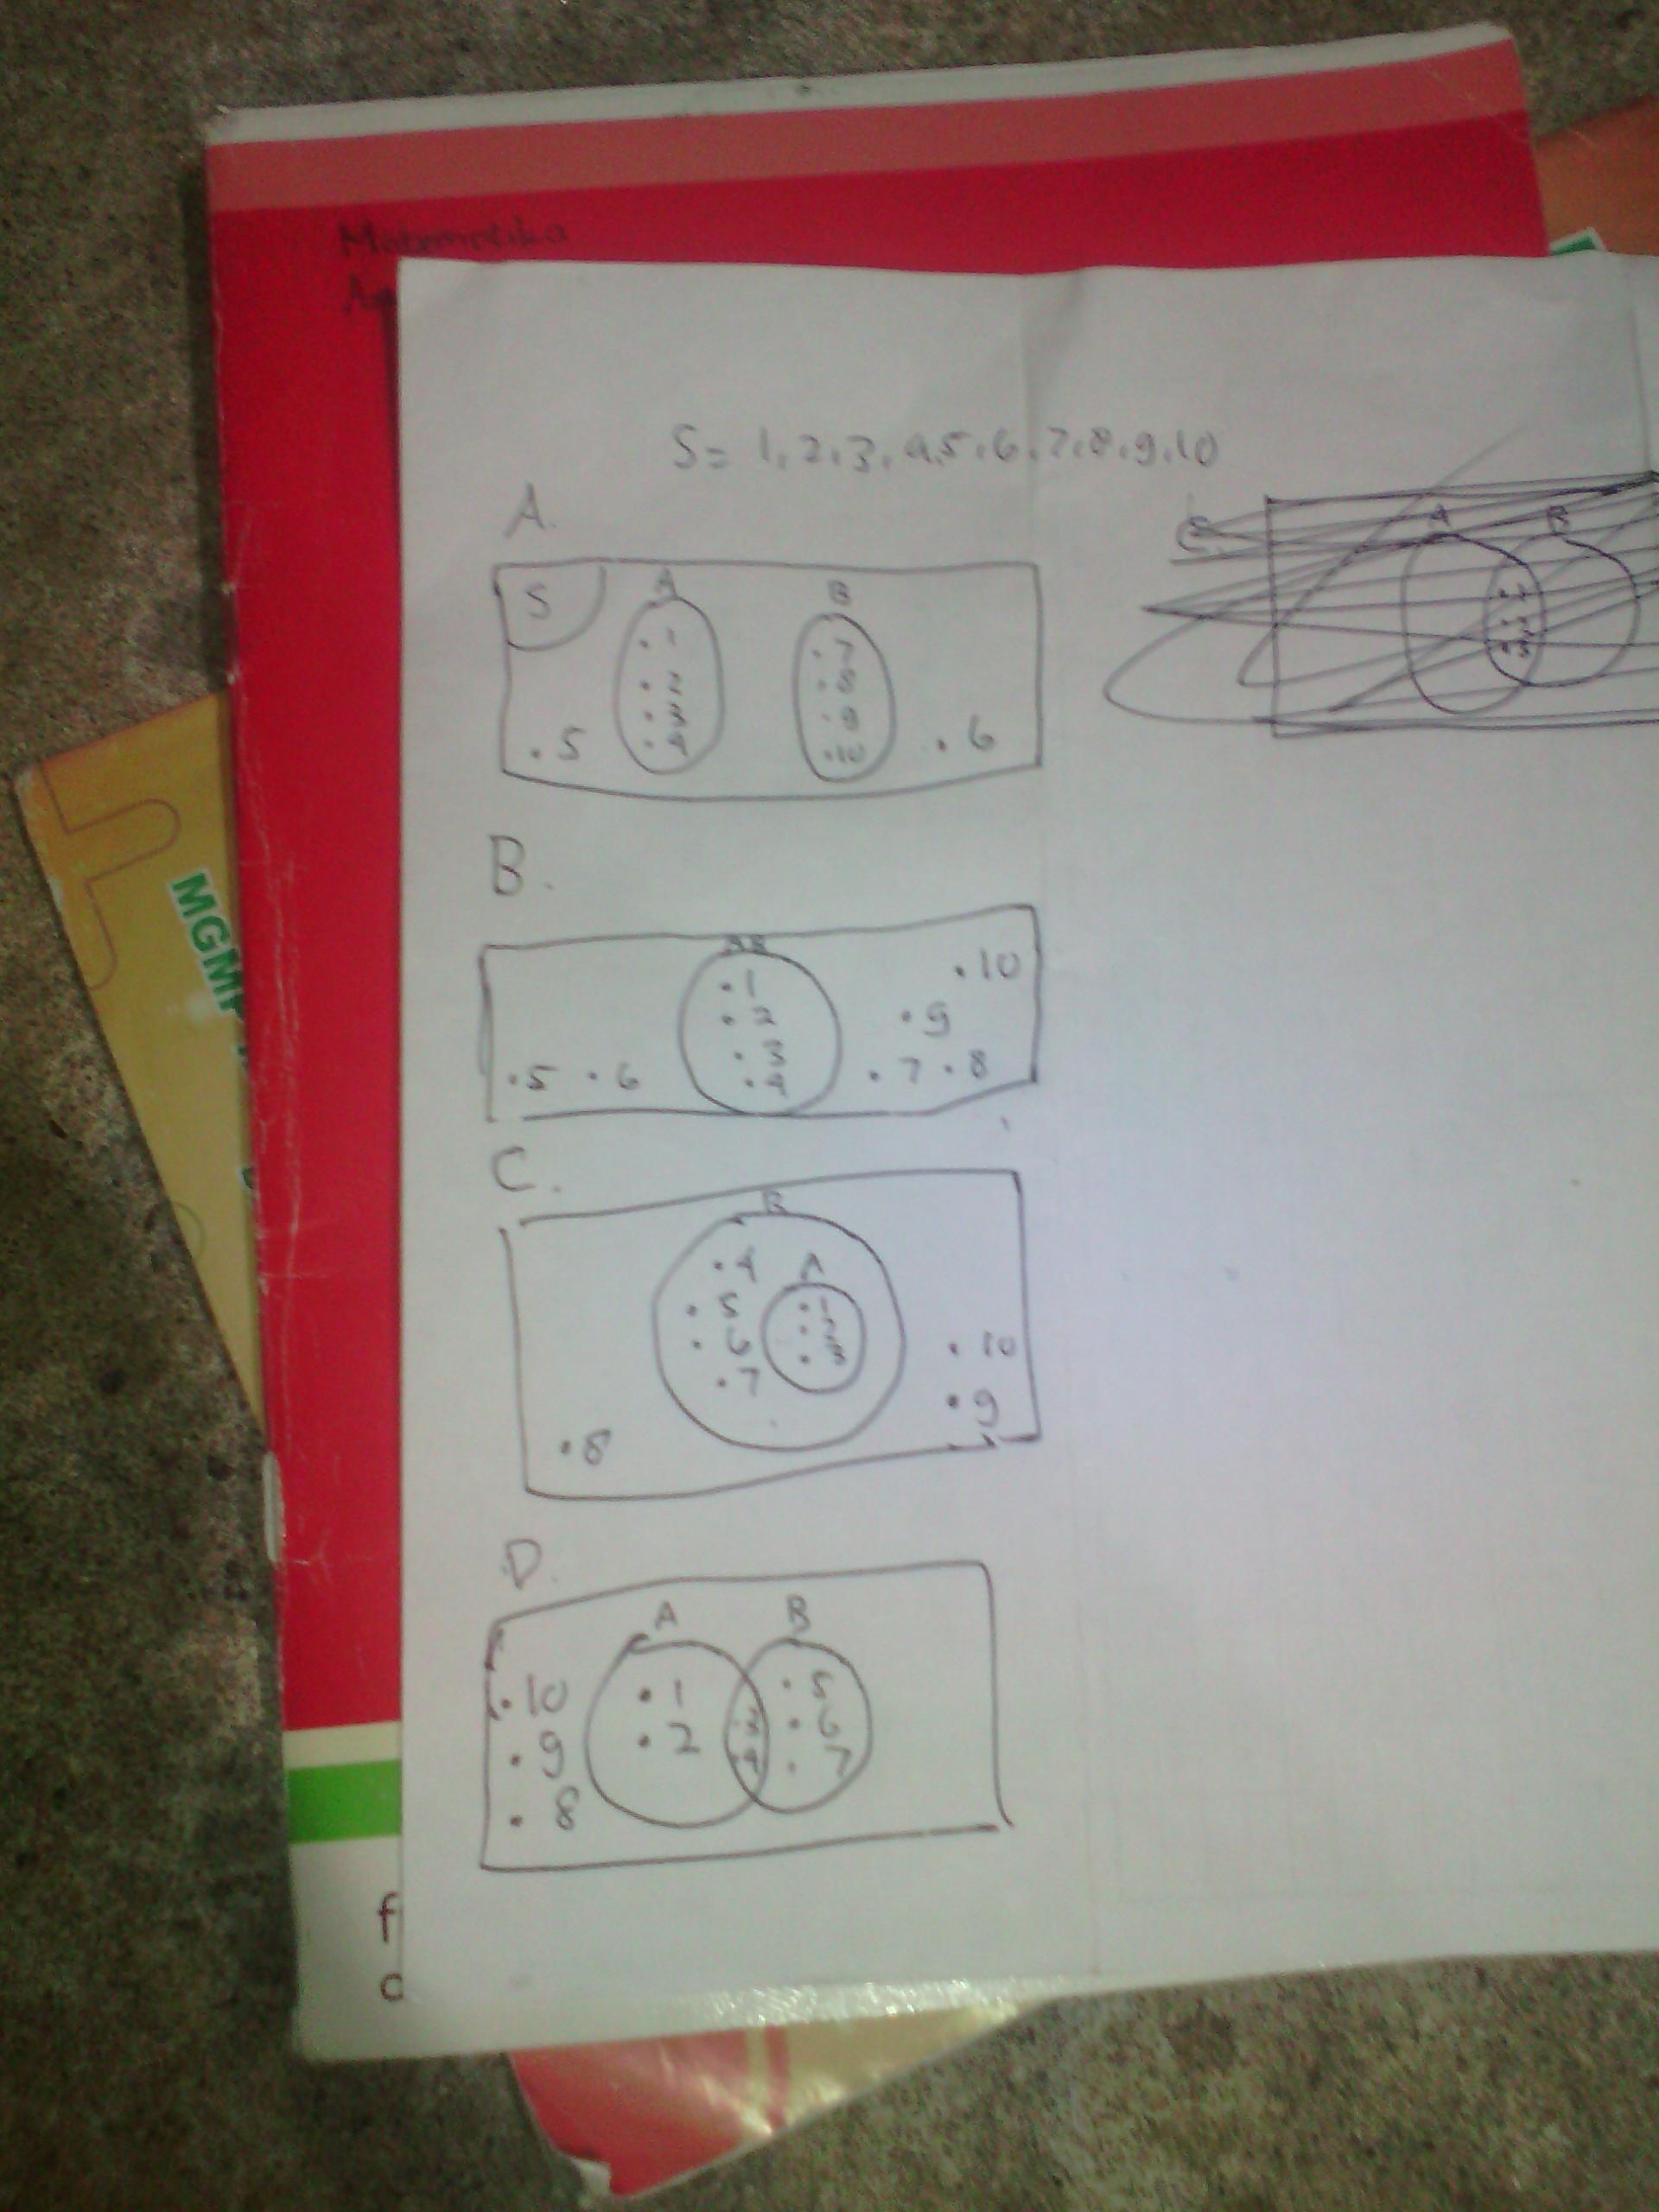 Jika Himpunan : himpunan, Gambarlah, Diagram, Himpunan, {1,2,3,4,5,6,7,8,9,10}, A.himpunan, ={1,2,3,4}, Brainly.co.id